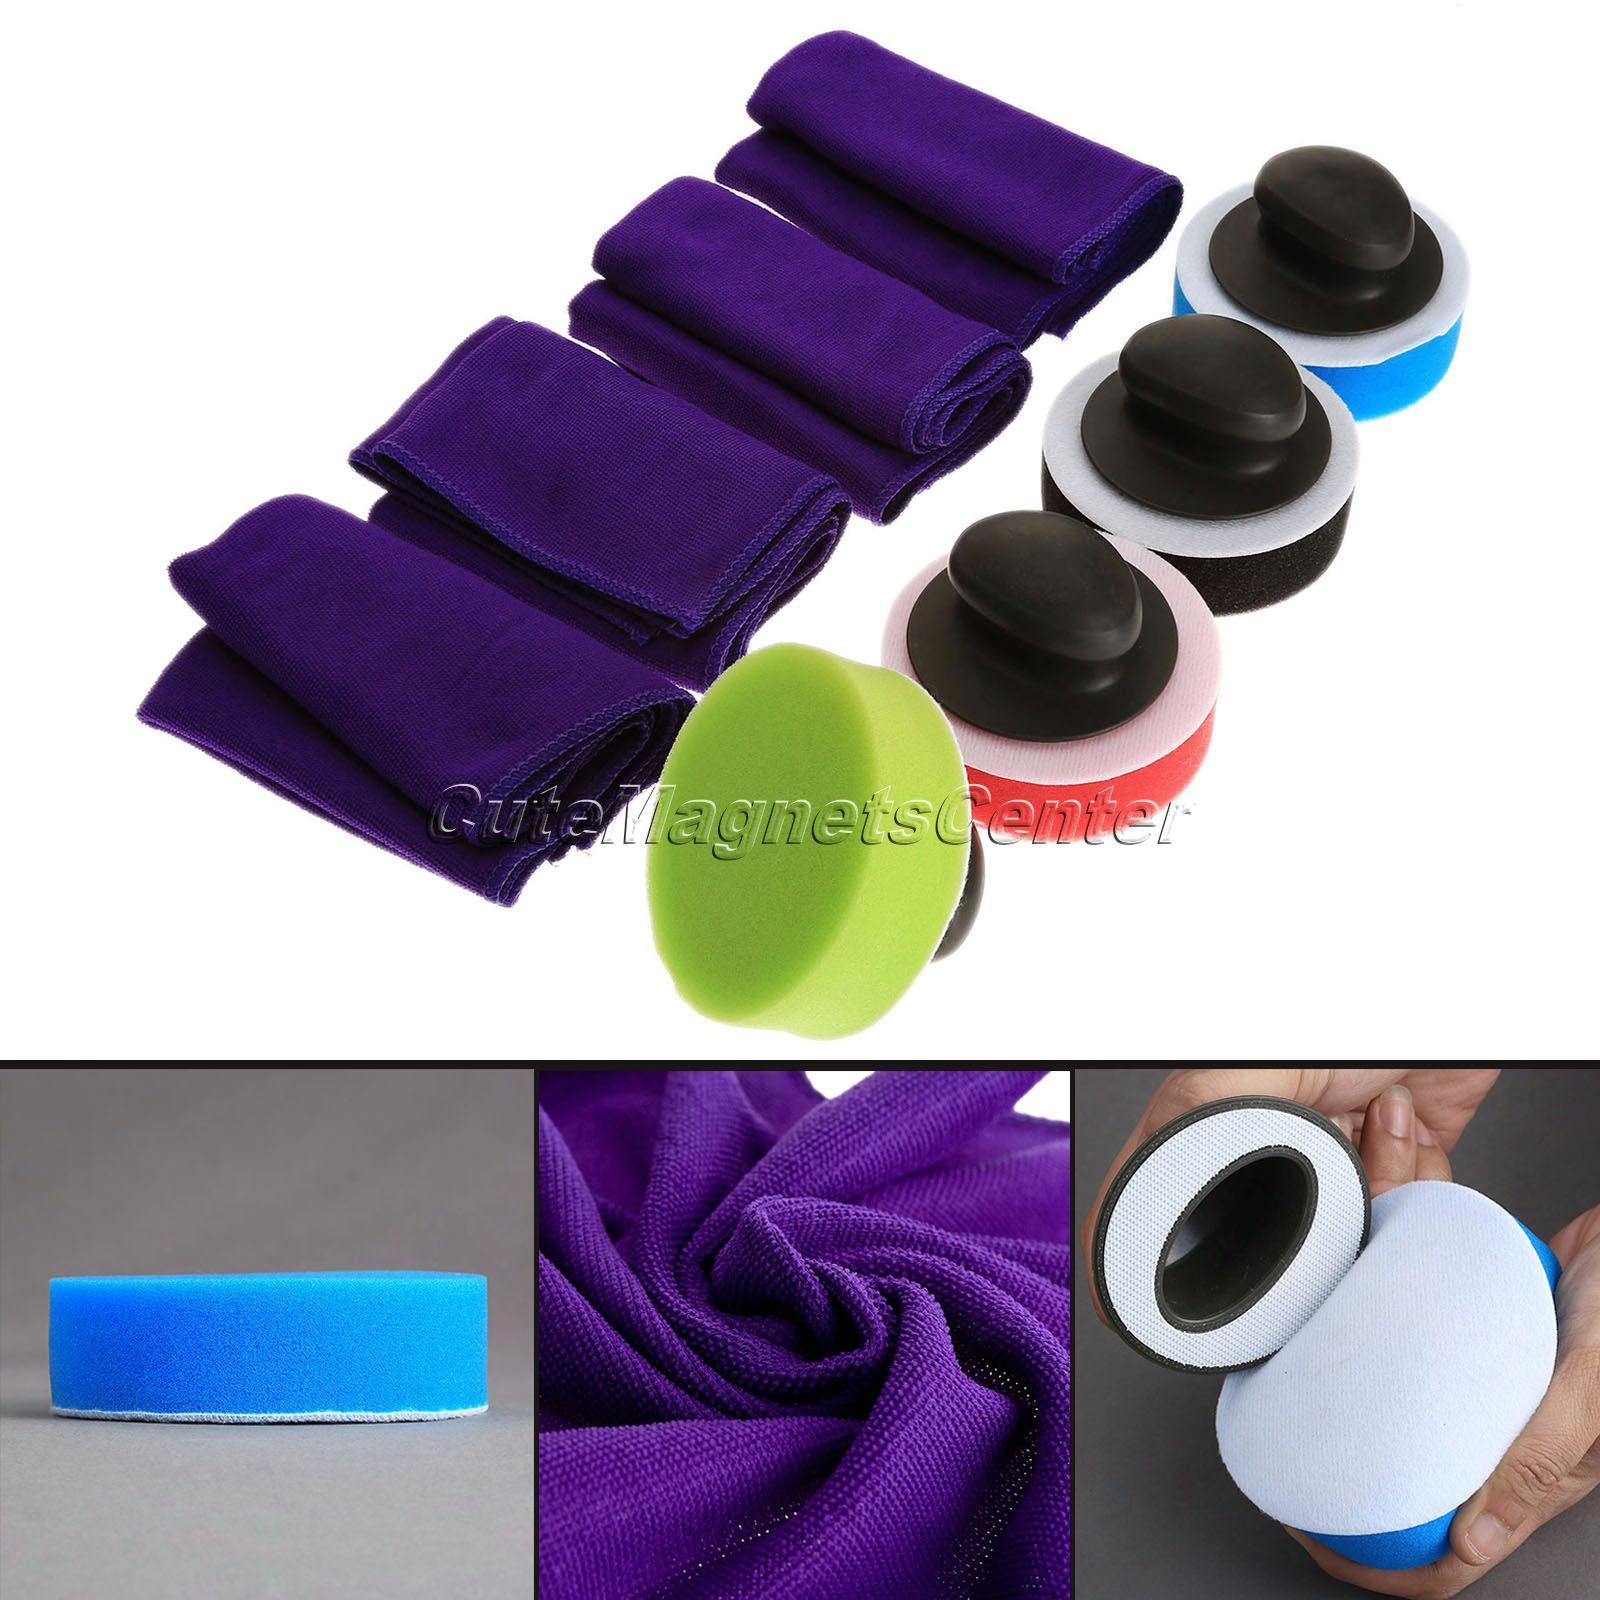 d taillant polisseuse promotion achetez des d taillant polisseuse promotionnels sur aliexpress. Black Bedroom Furniture Sets. Home Design Ideas